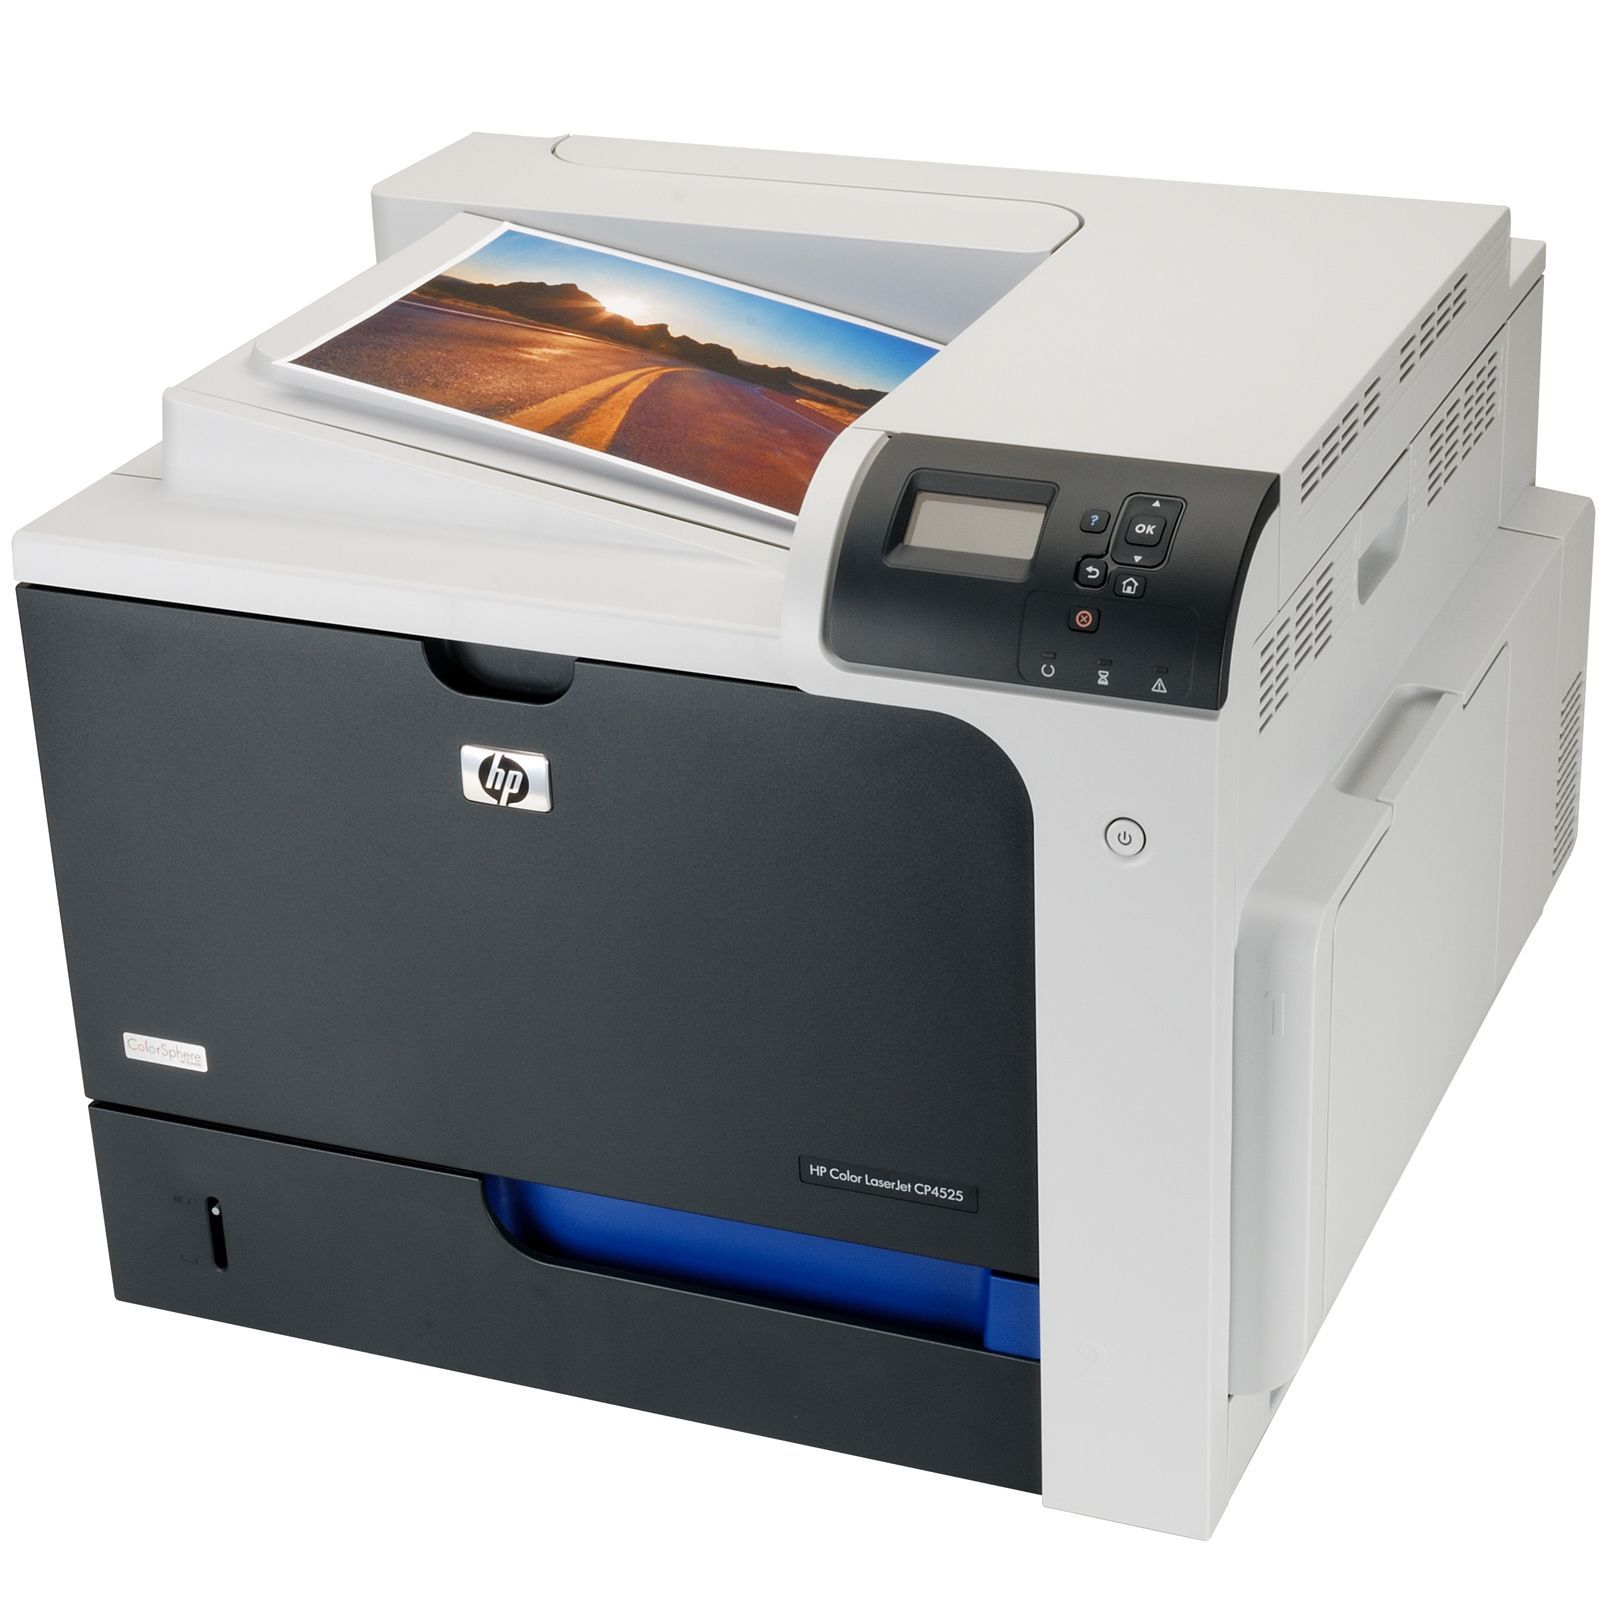 HP Color LaserJet CP4525dn színes nagy teljesítményű lézernyomtató bérlés, bérbeadás 1 napra